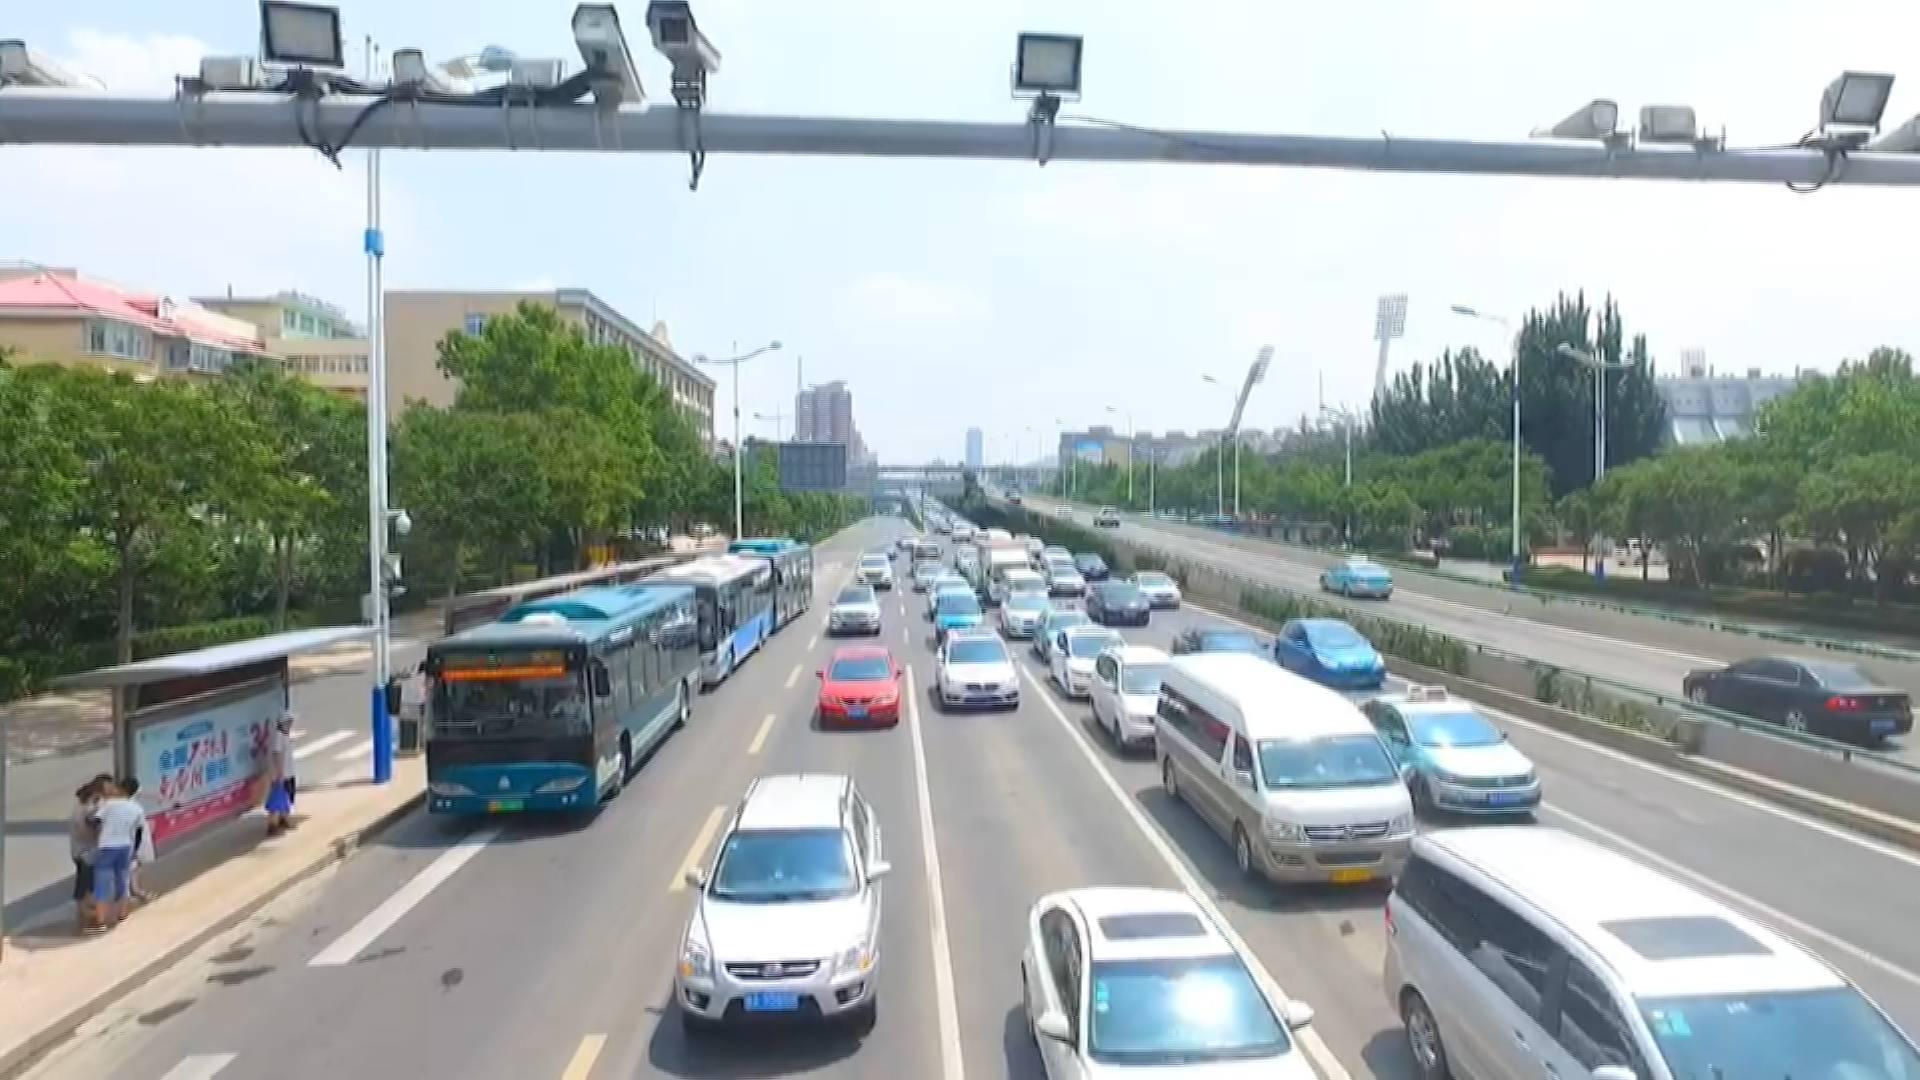 【敢领改革风气之先】济南交警推出优化营商环境16条举措